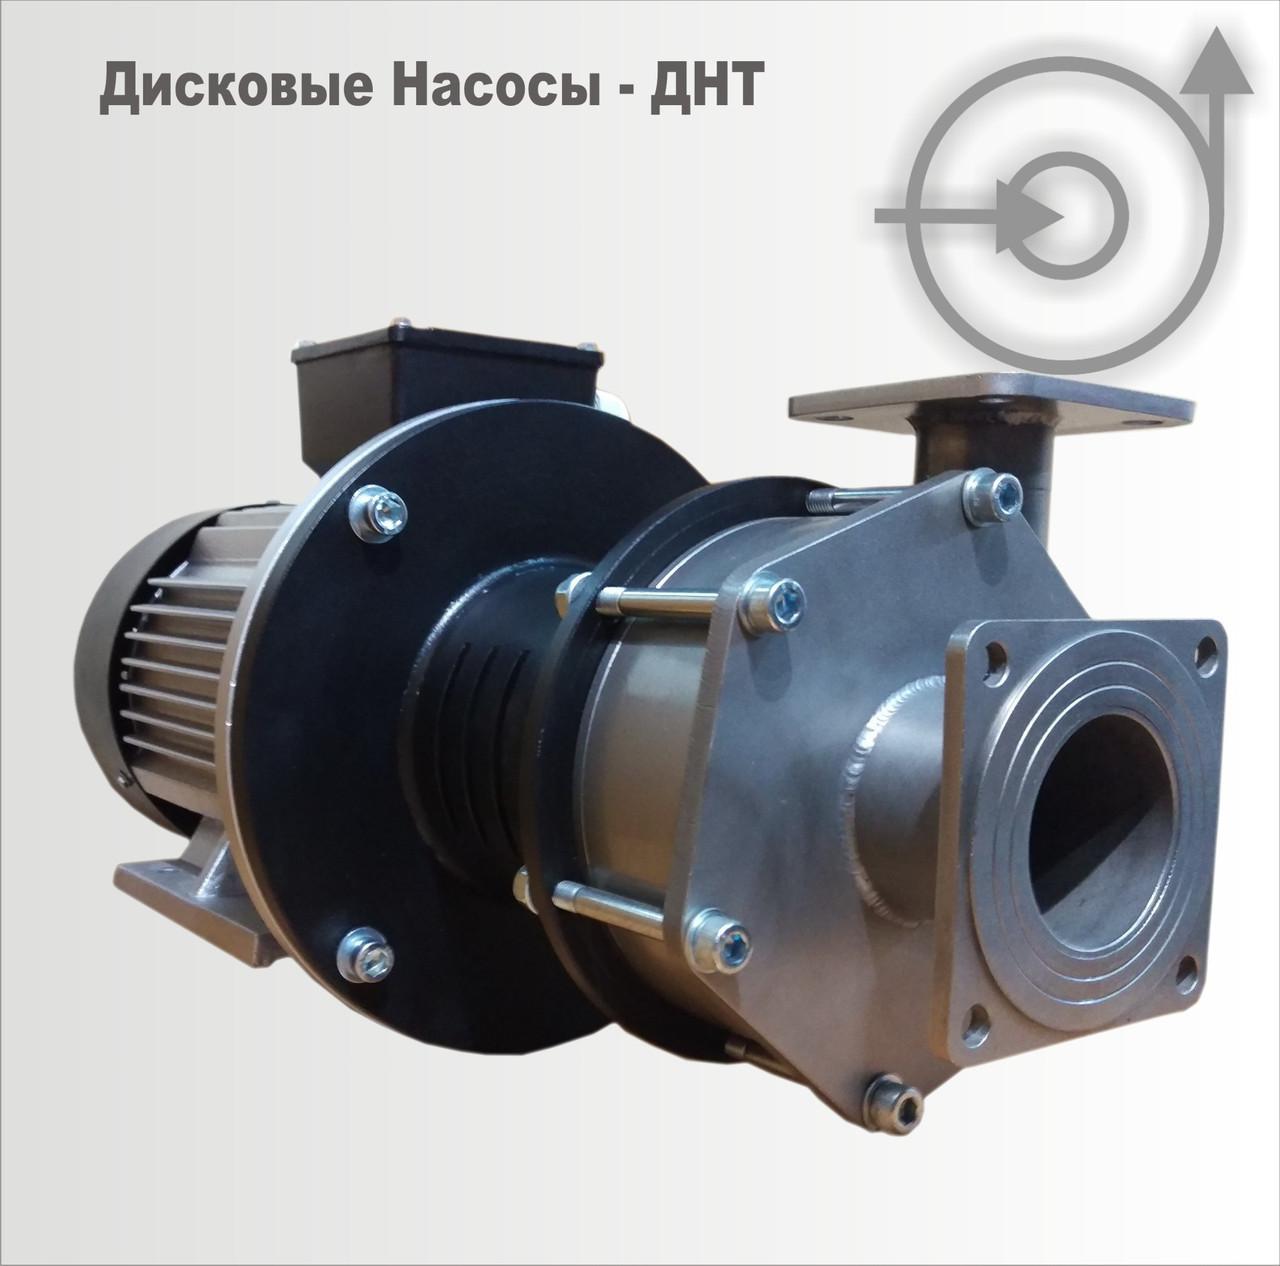 Дисковый насос ДНТ-М 110 10-6 ТУ нержавеющая сталь